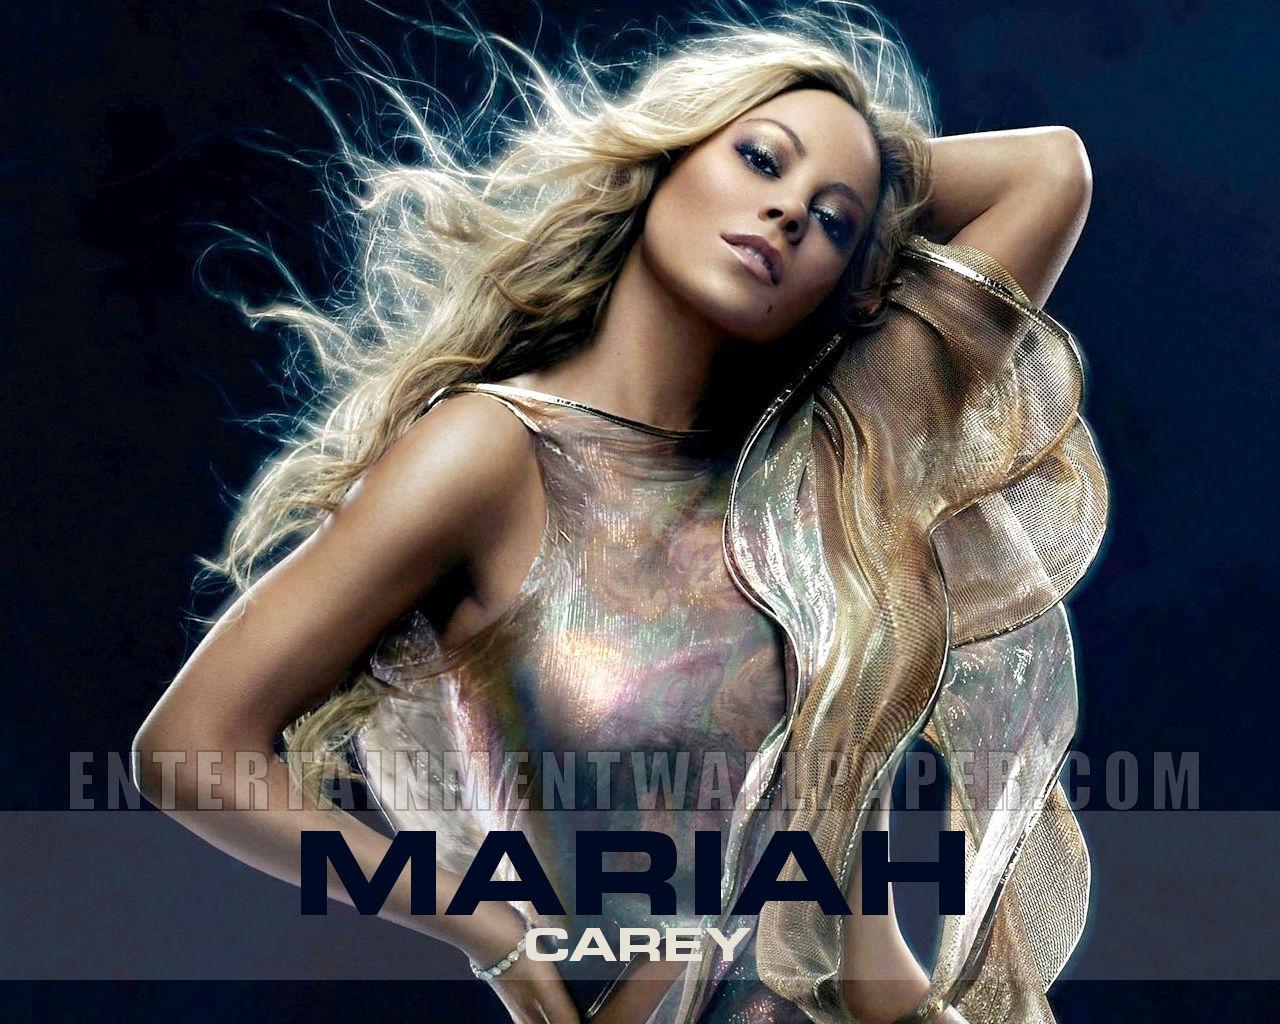 Description ariana grande wallpaper hd is a hi res wallpaper for pc - Free Mariah Carey Wallpaper Wallpup Com